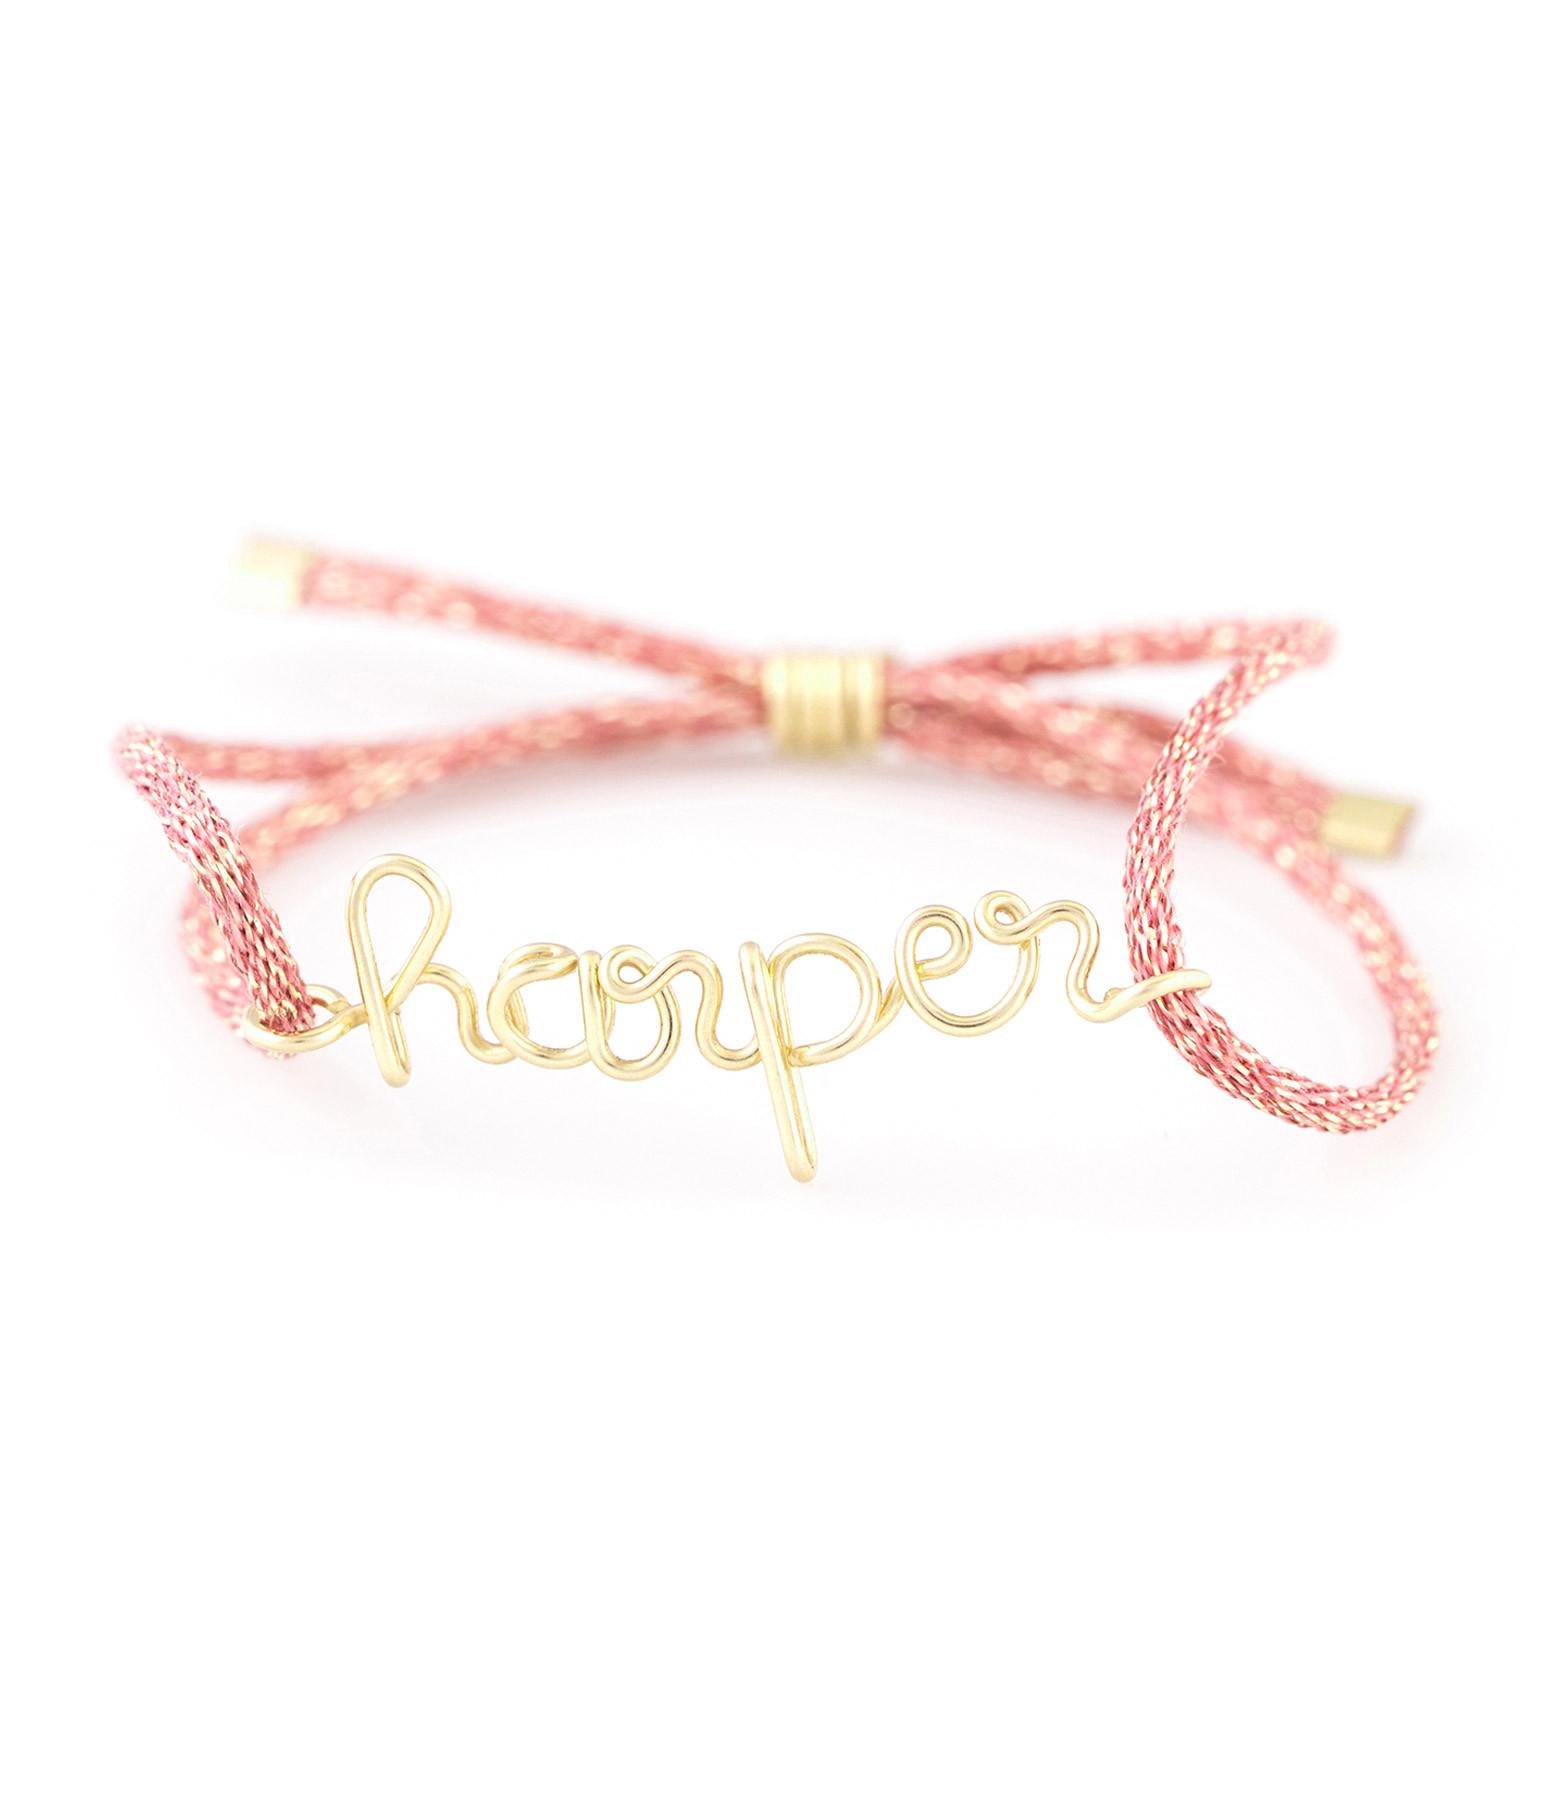 ATELIER PAULIN - Bracelet Cordon Lurex Personnalisable Gold Filled Or Jaune